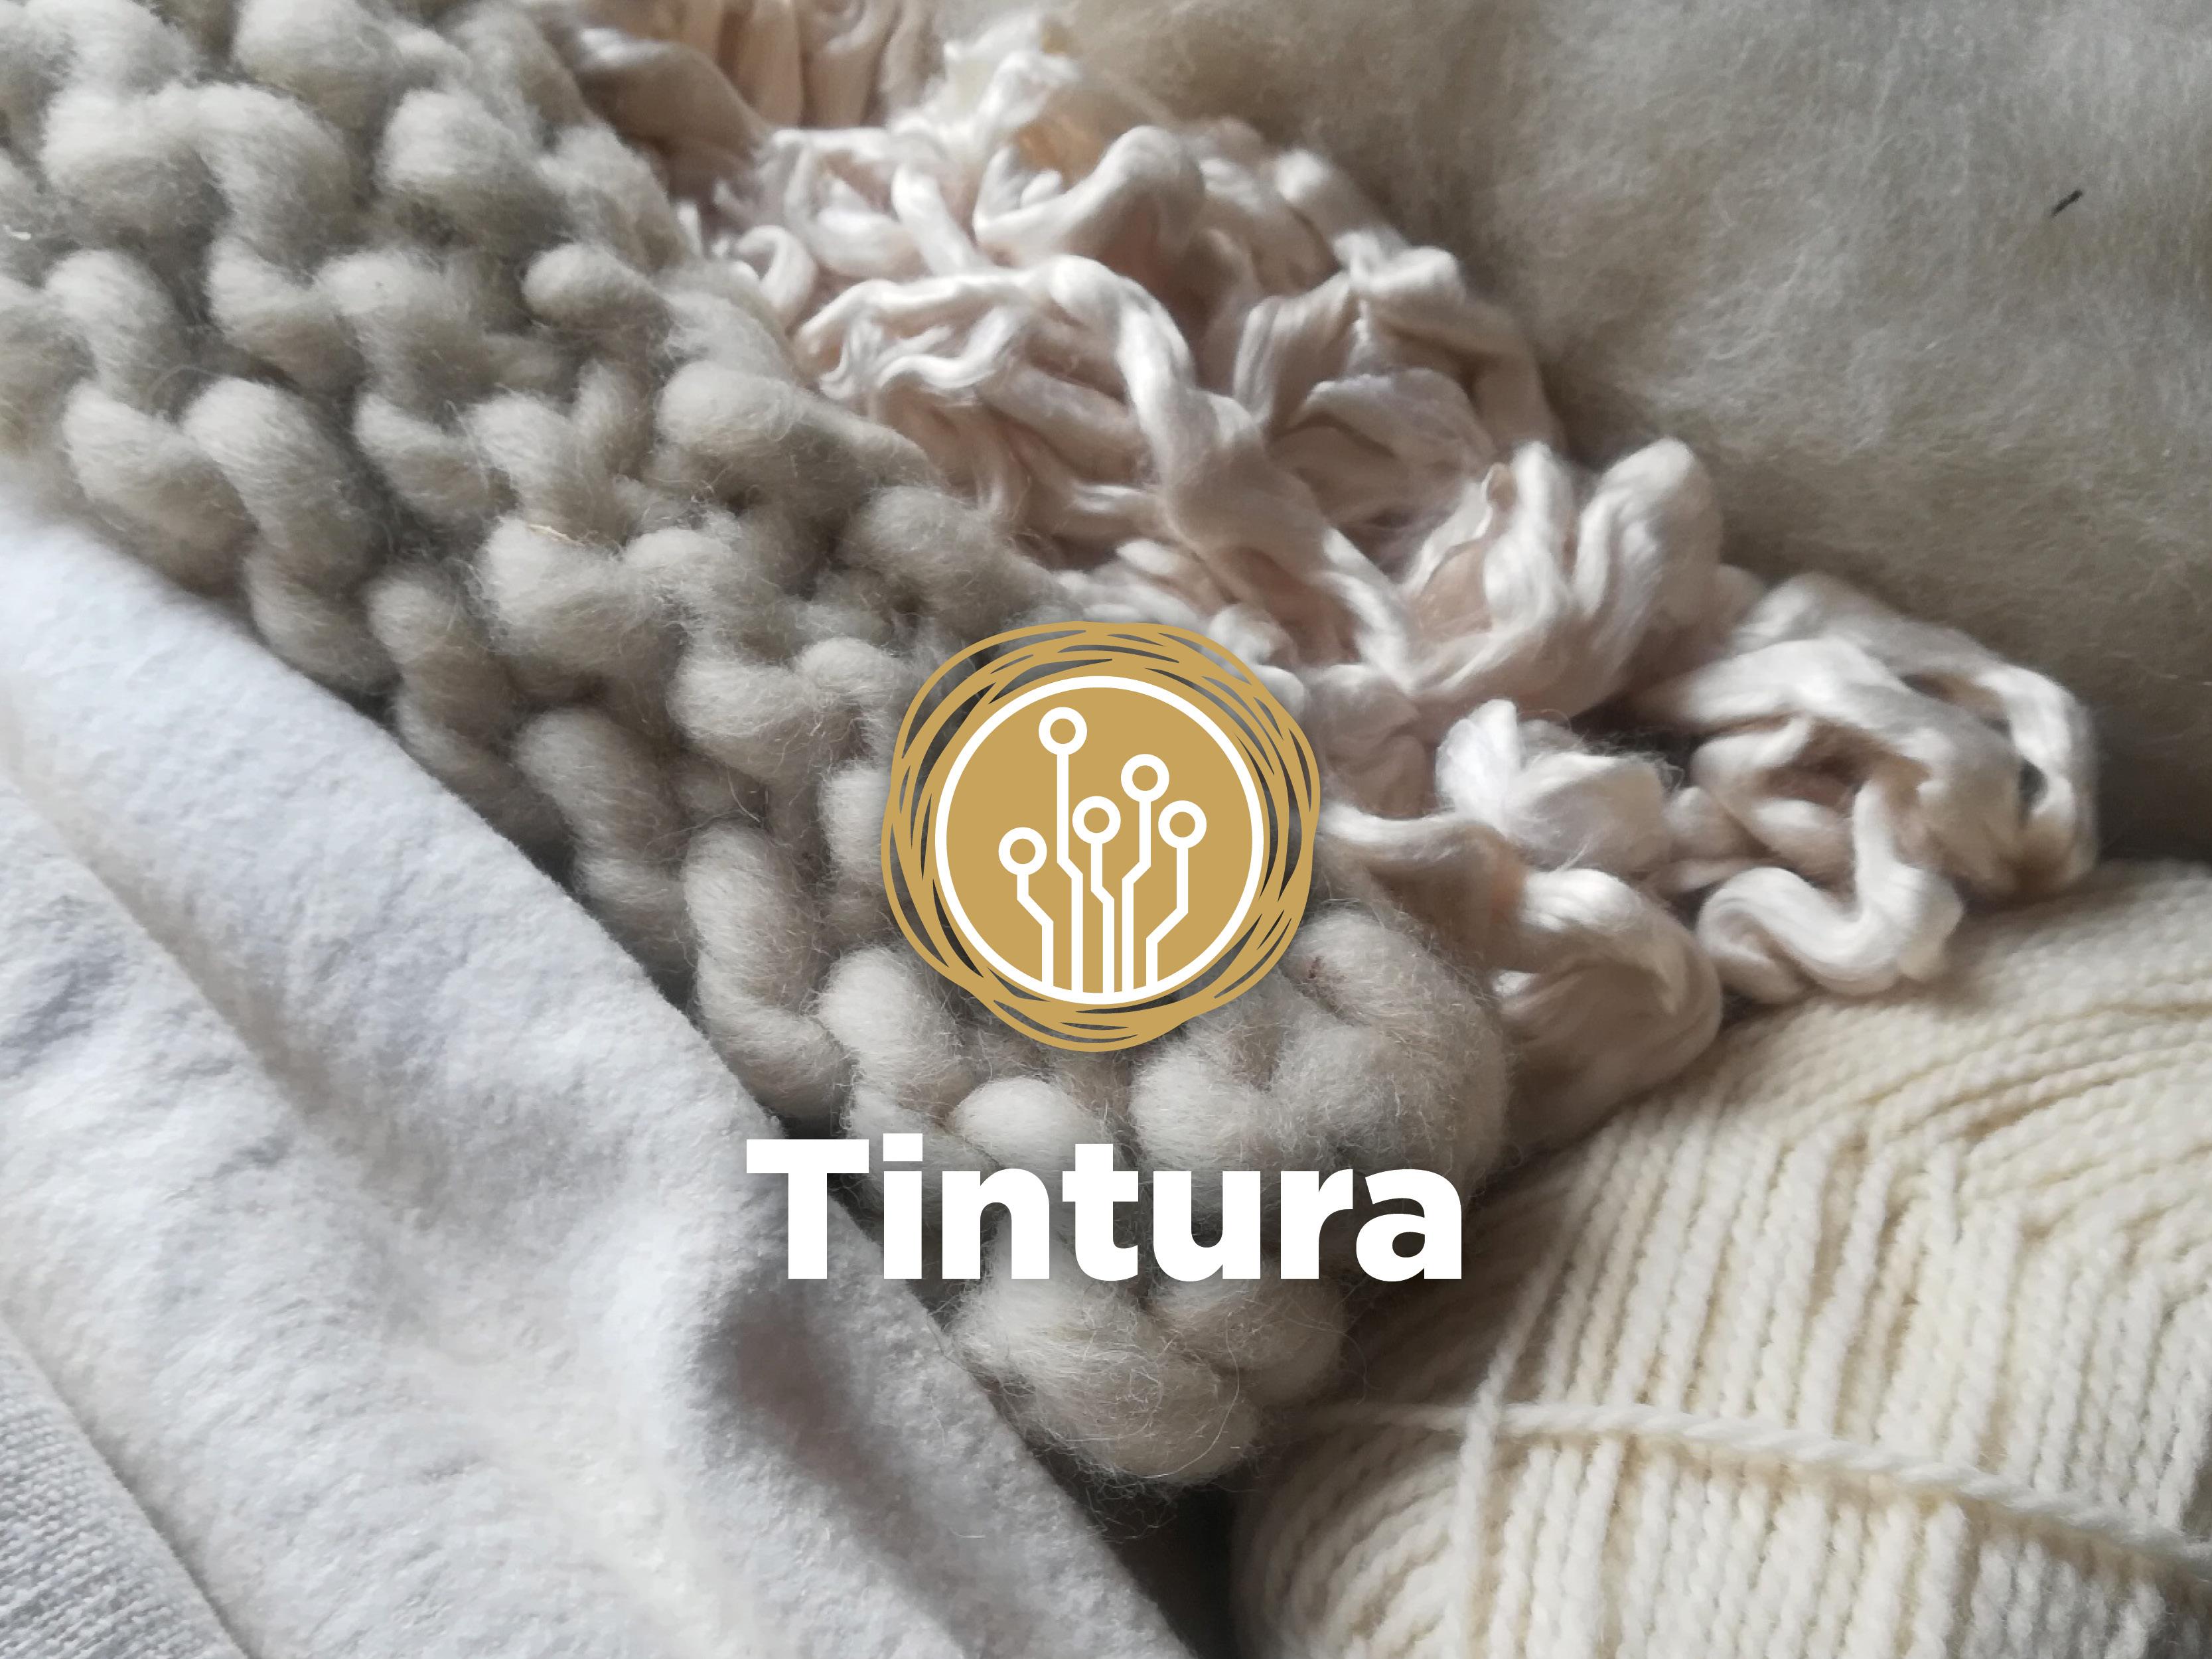 Preparazione delle fibre ai processi tintori 11, 12 Maggio (sabato e domenica) a Maniago - COMPLETO